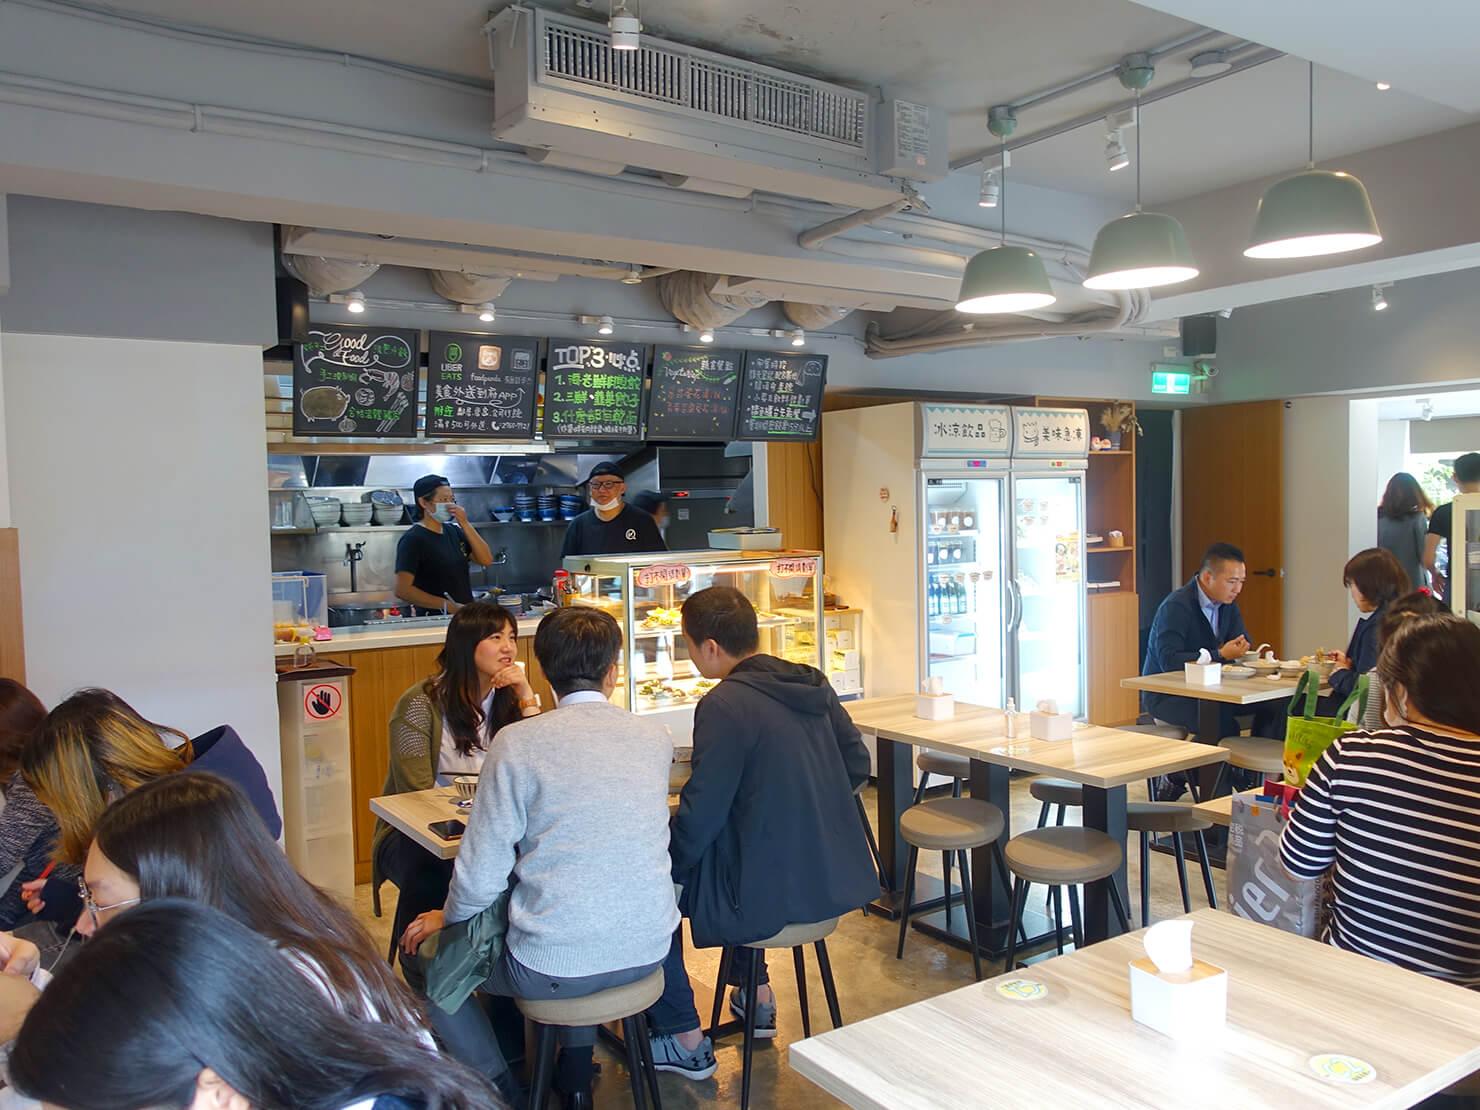 台北101エリア・MRT市政府駅周辺のおすすめグルメ店「餃子樂」の店内